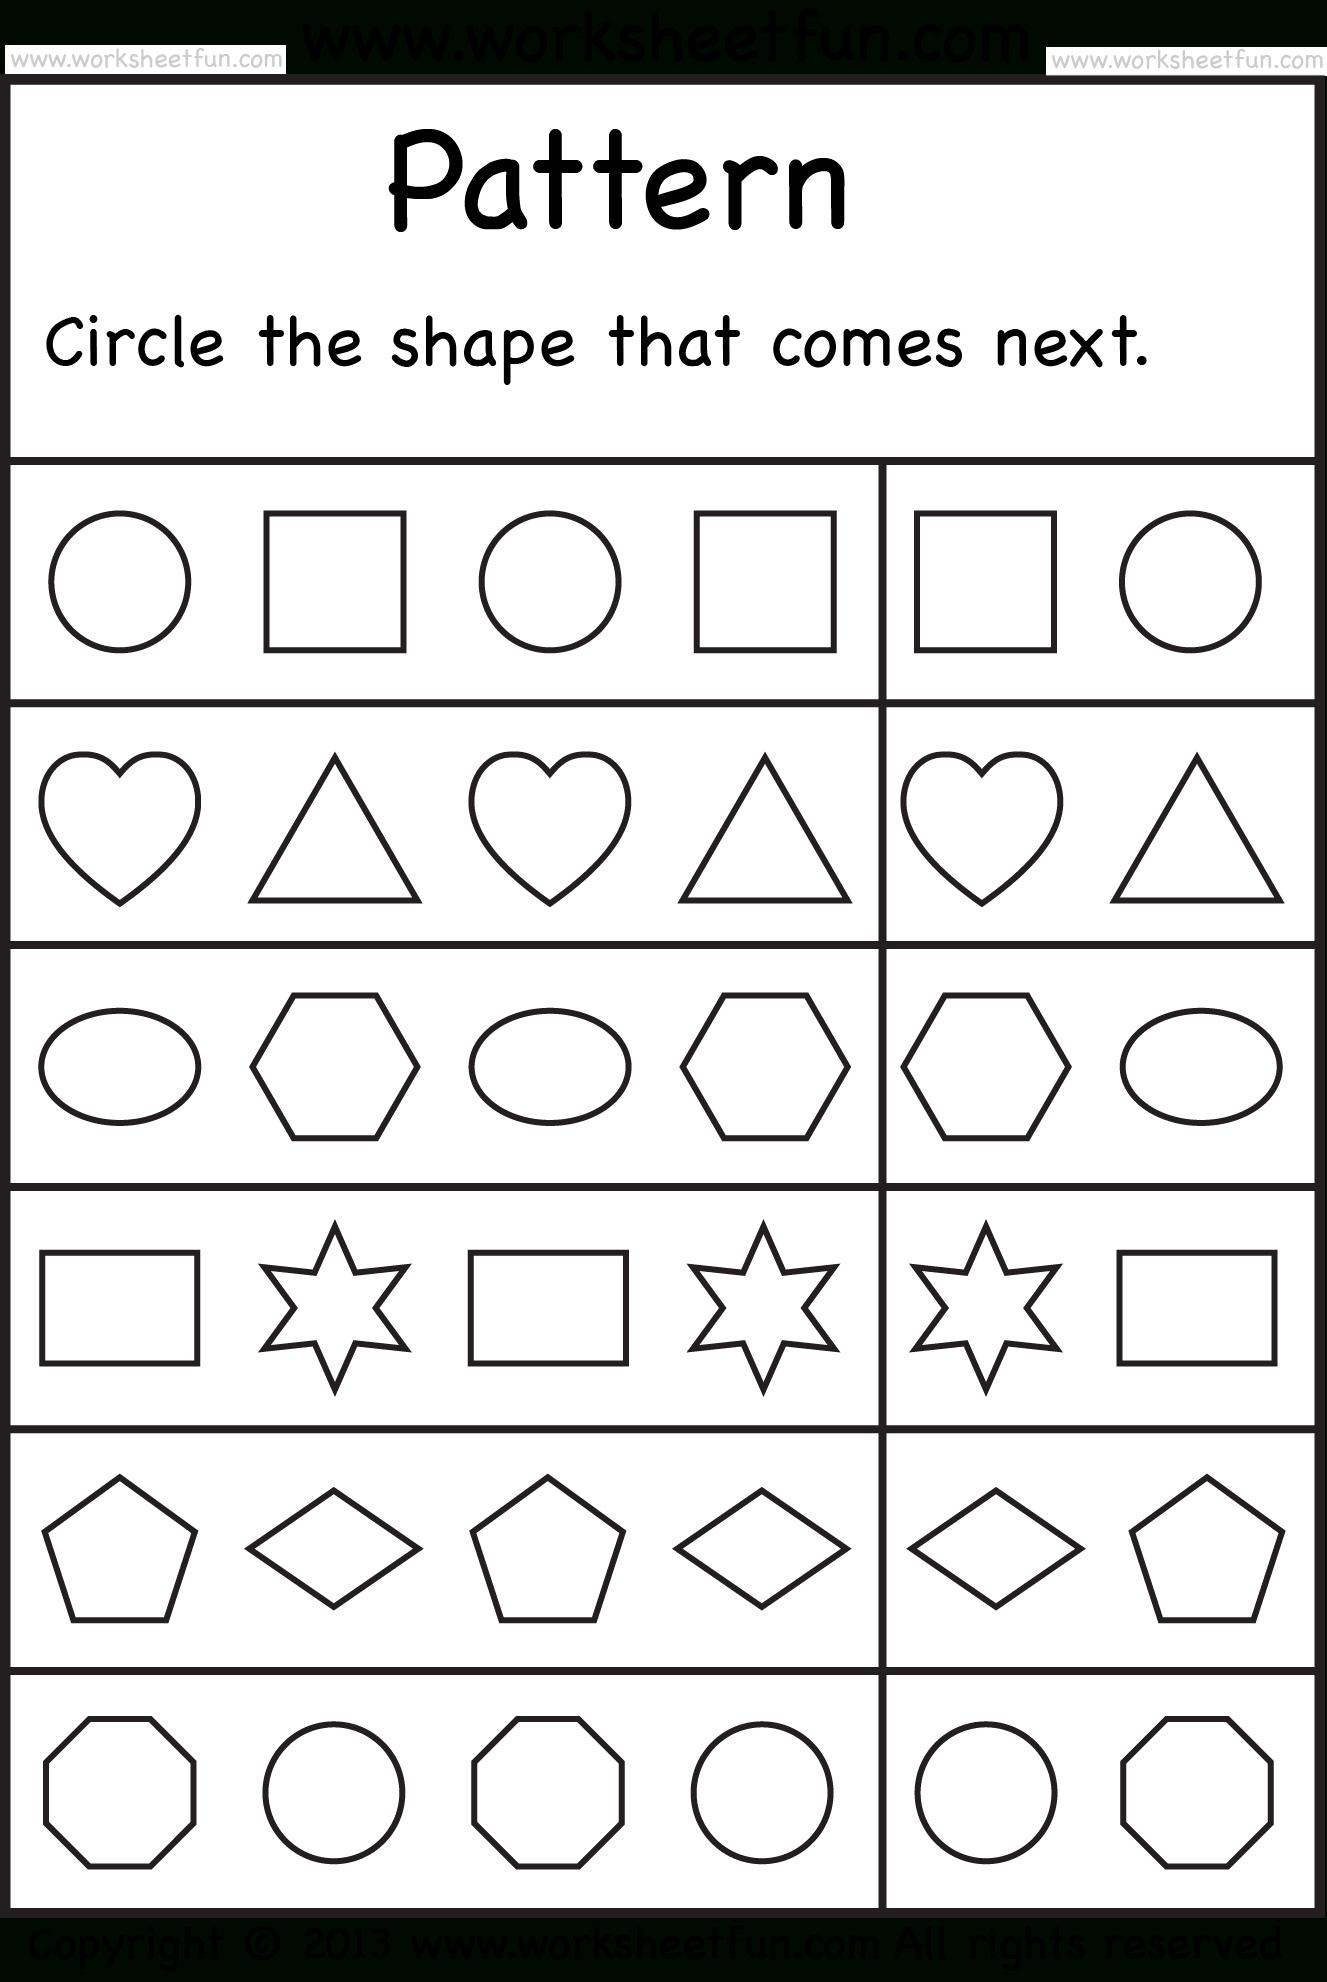 Free Printable Worksheets | Pattern Worksheet, Patterning